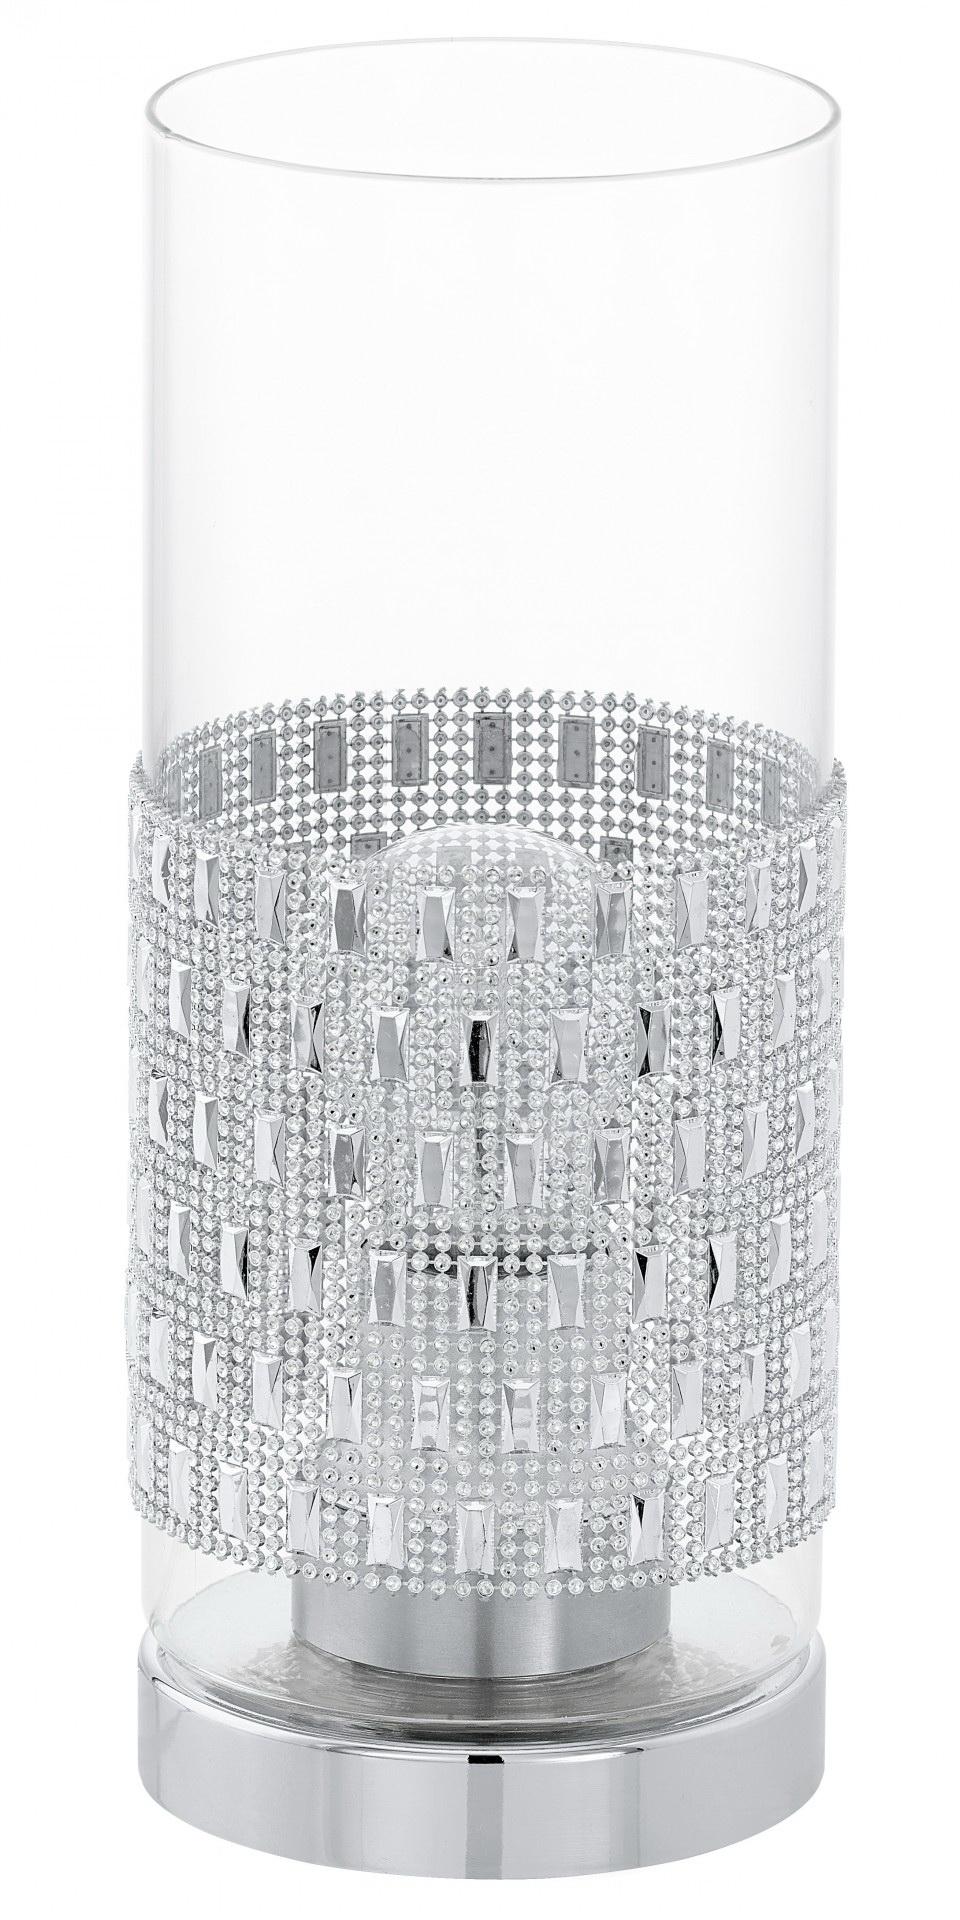 Лампа настольная Eglo Torvisco 94619 eglo настольная лампа 31541